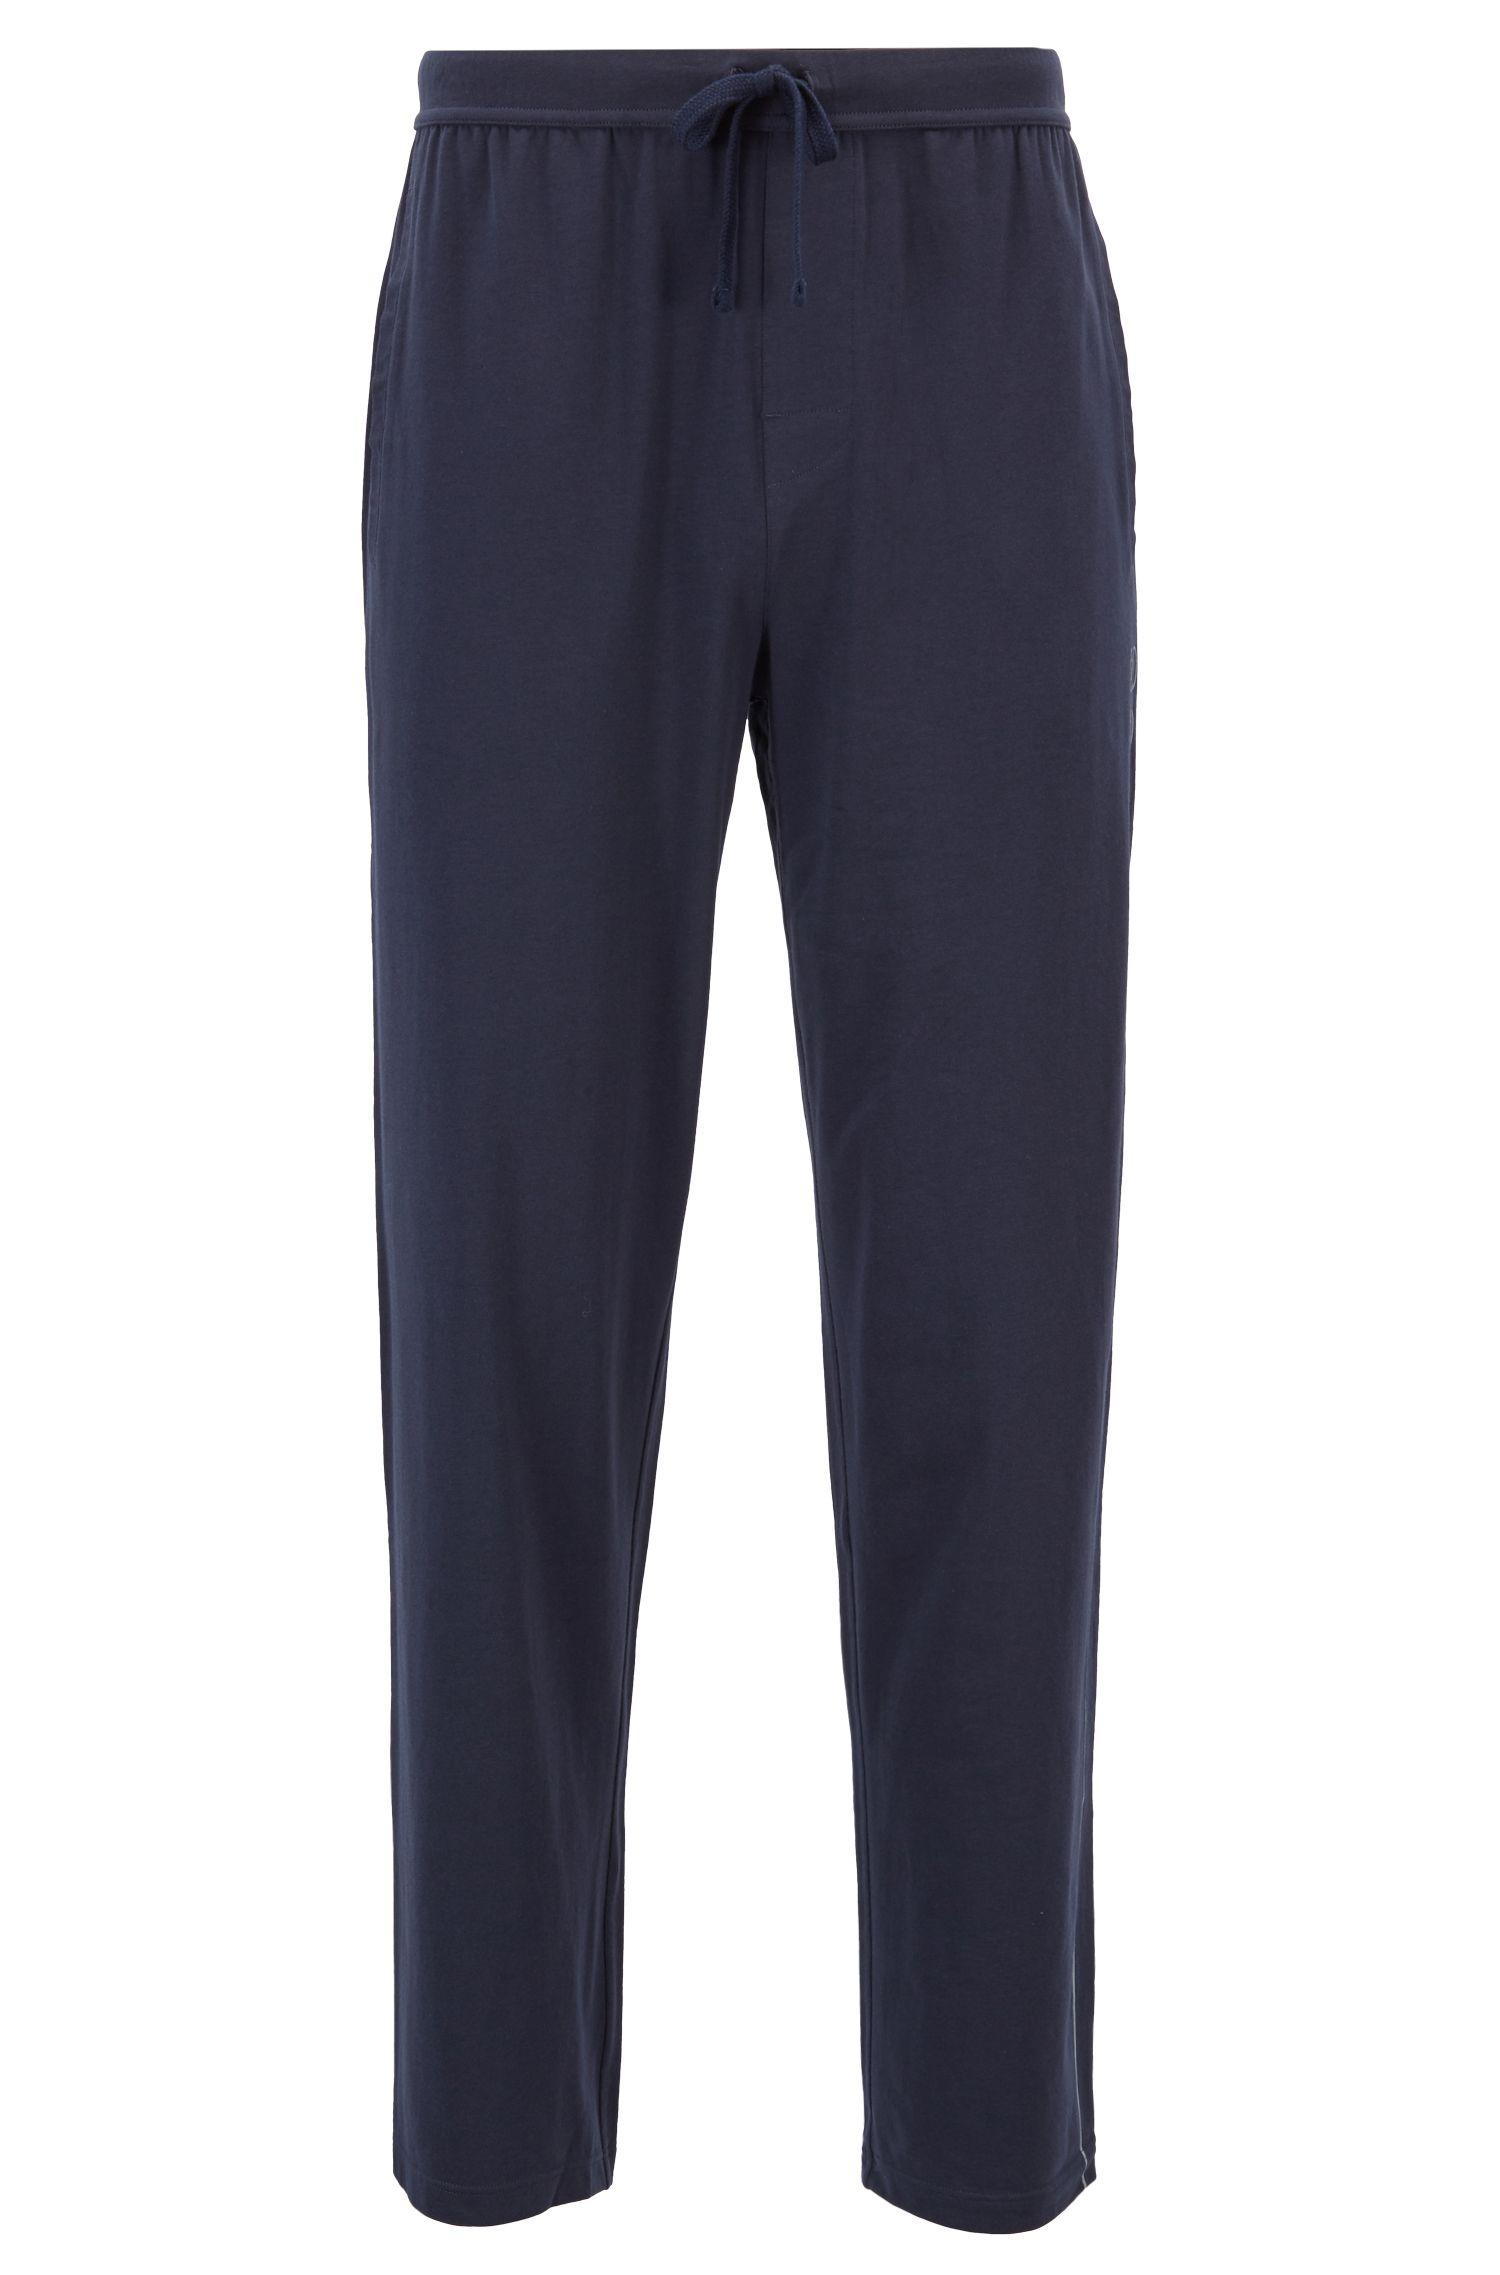 Pyjama-Hose aus Stretch-Jersey mit seitlichem Logo-Print, Dunkelblau